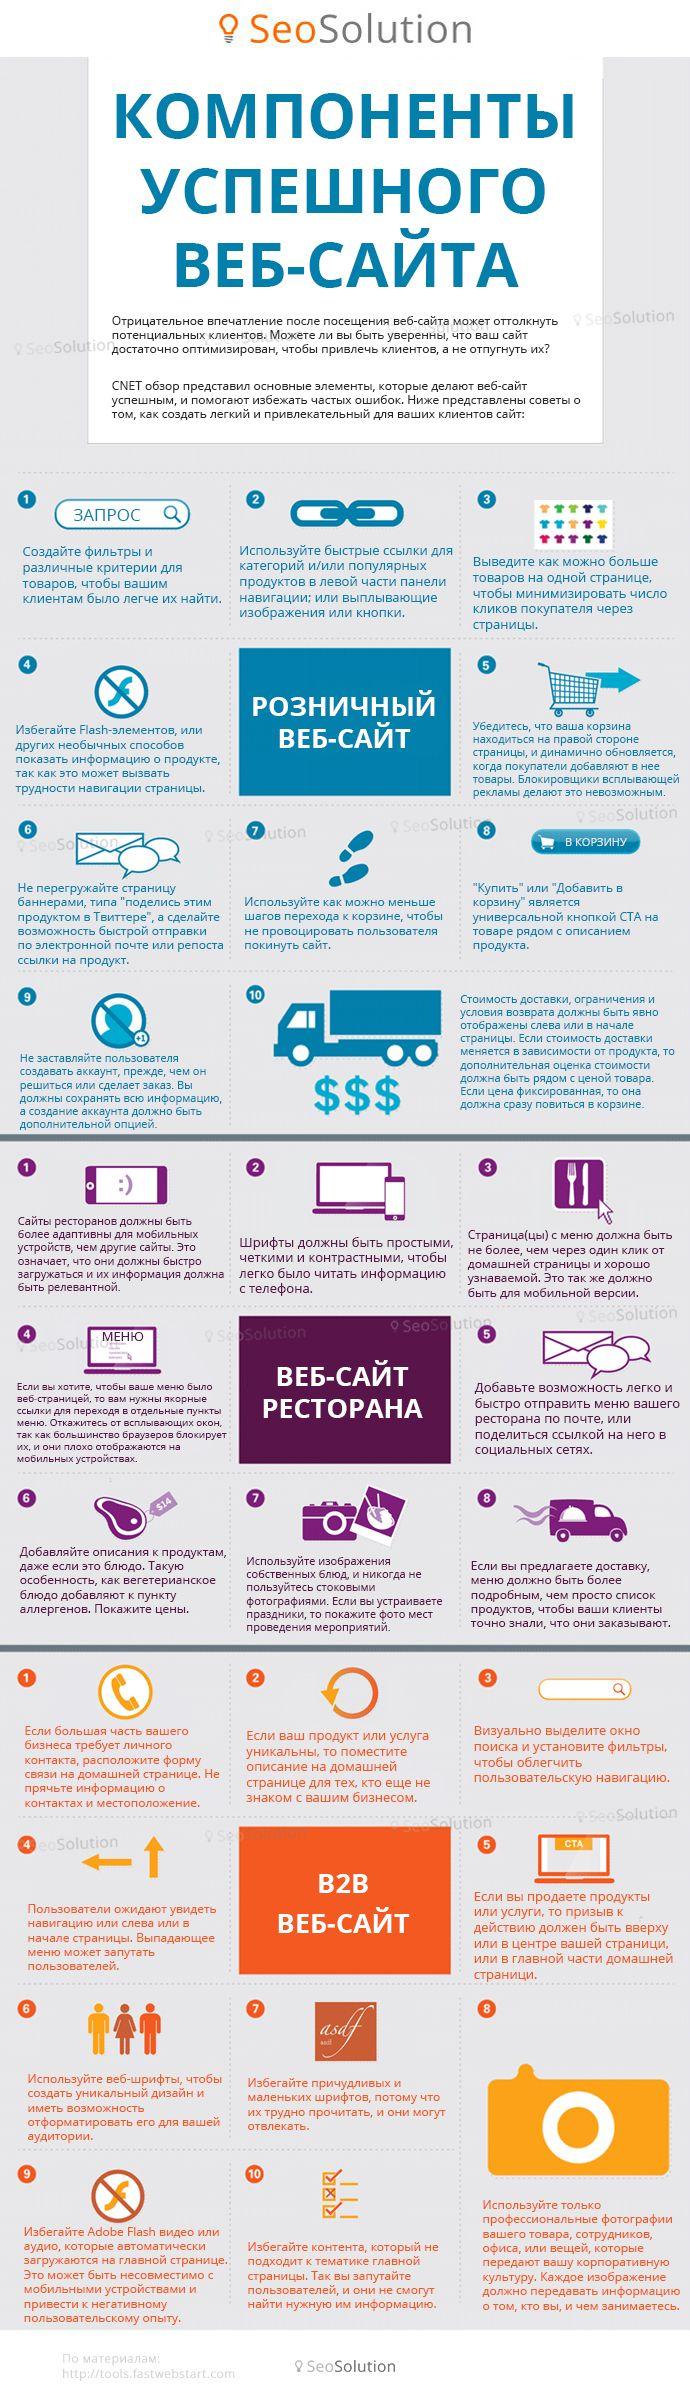 Инфографика: создаем успешный сайт